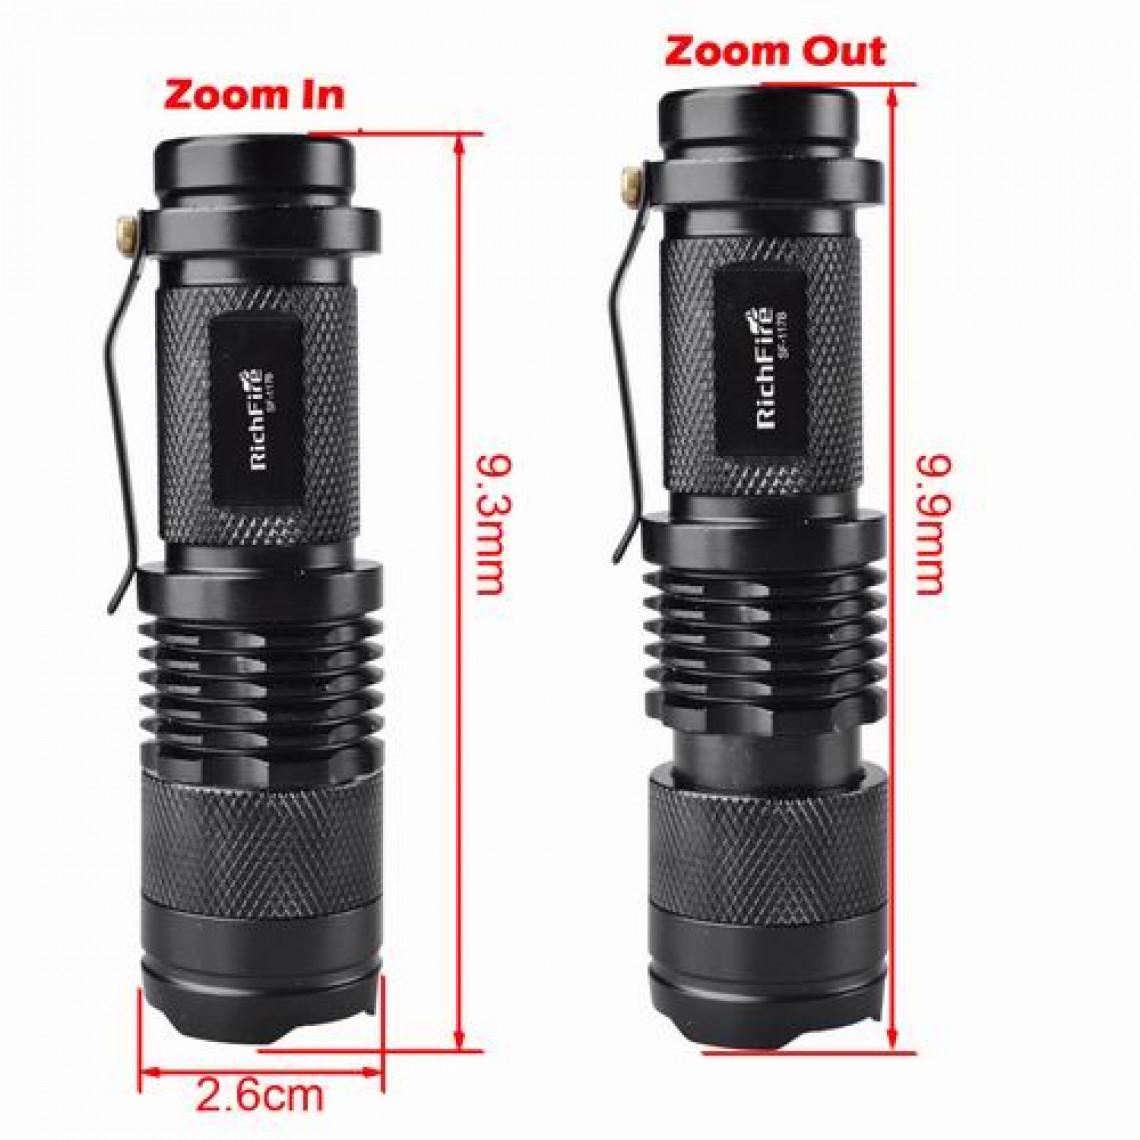 Đèn có chiều dài khoảng 9.3mm - 9.9mm